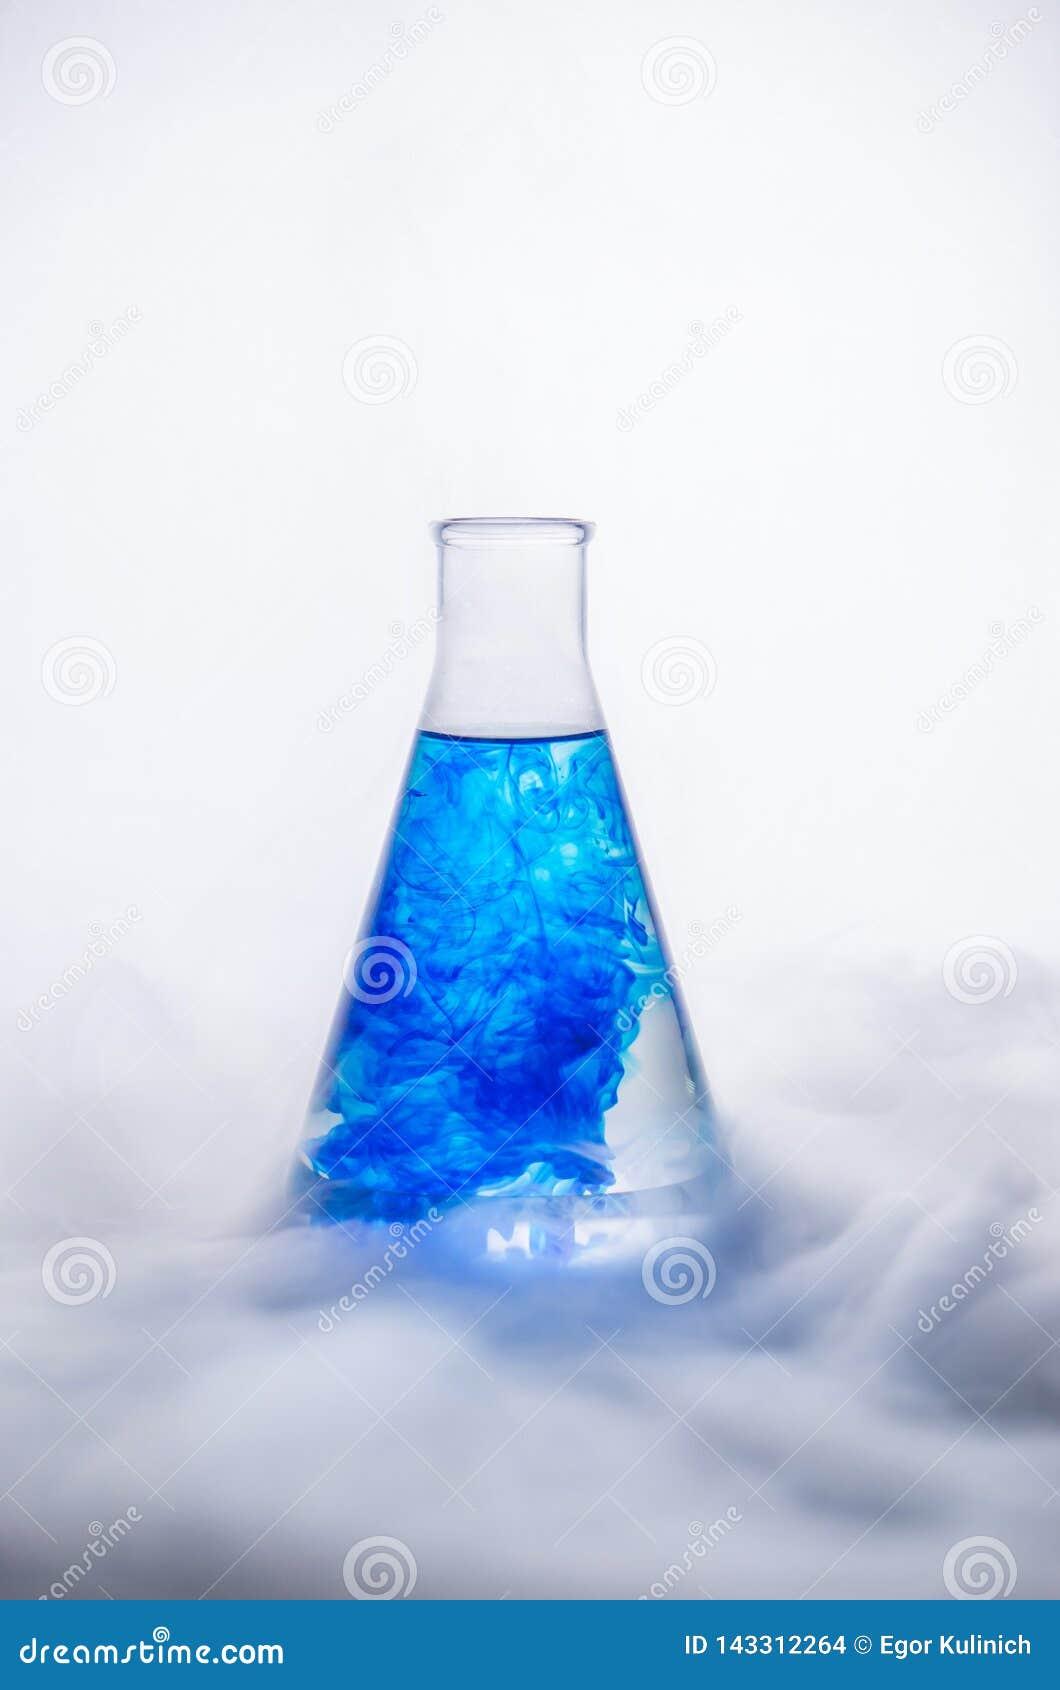 玻璃器皿 混合的液体 实验室分析 化学反应